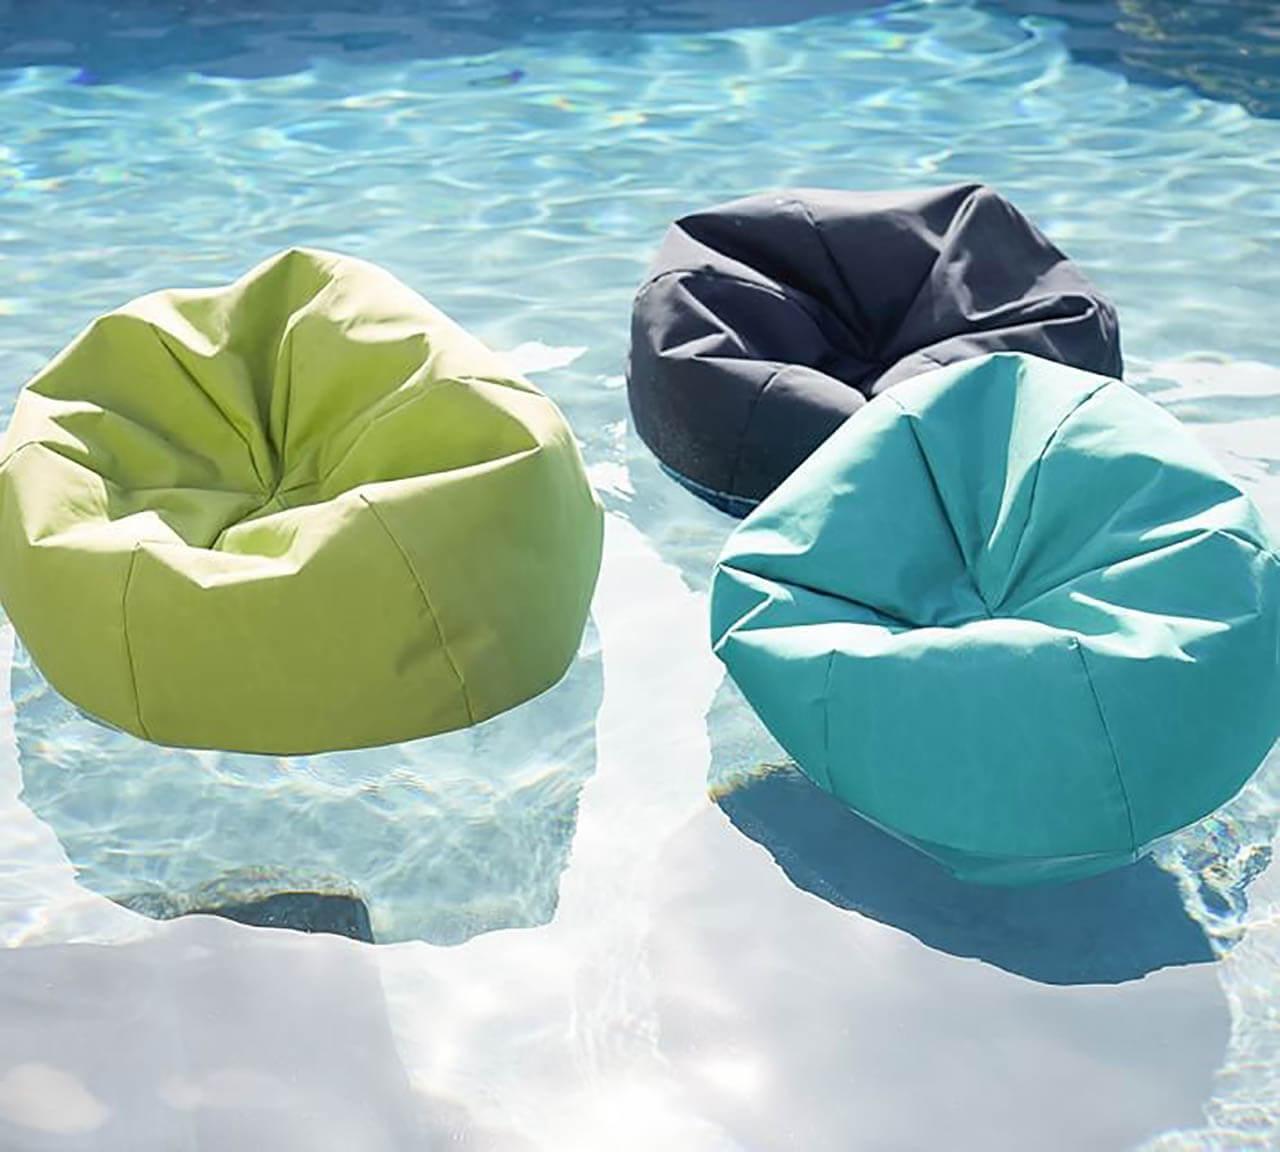 Sjeckane spu ve varo for Materassini piscina